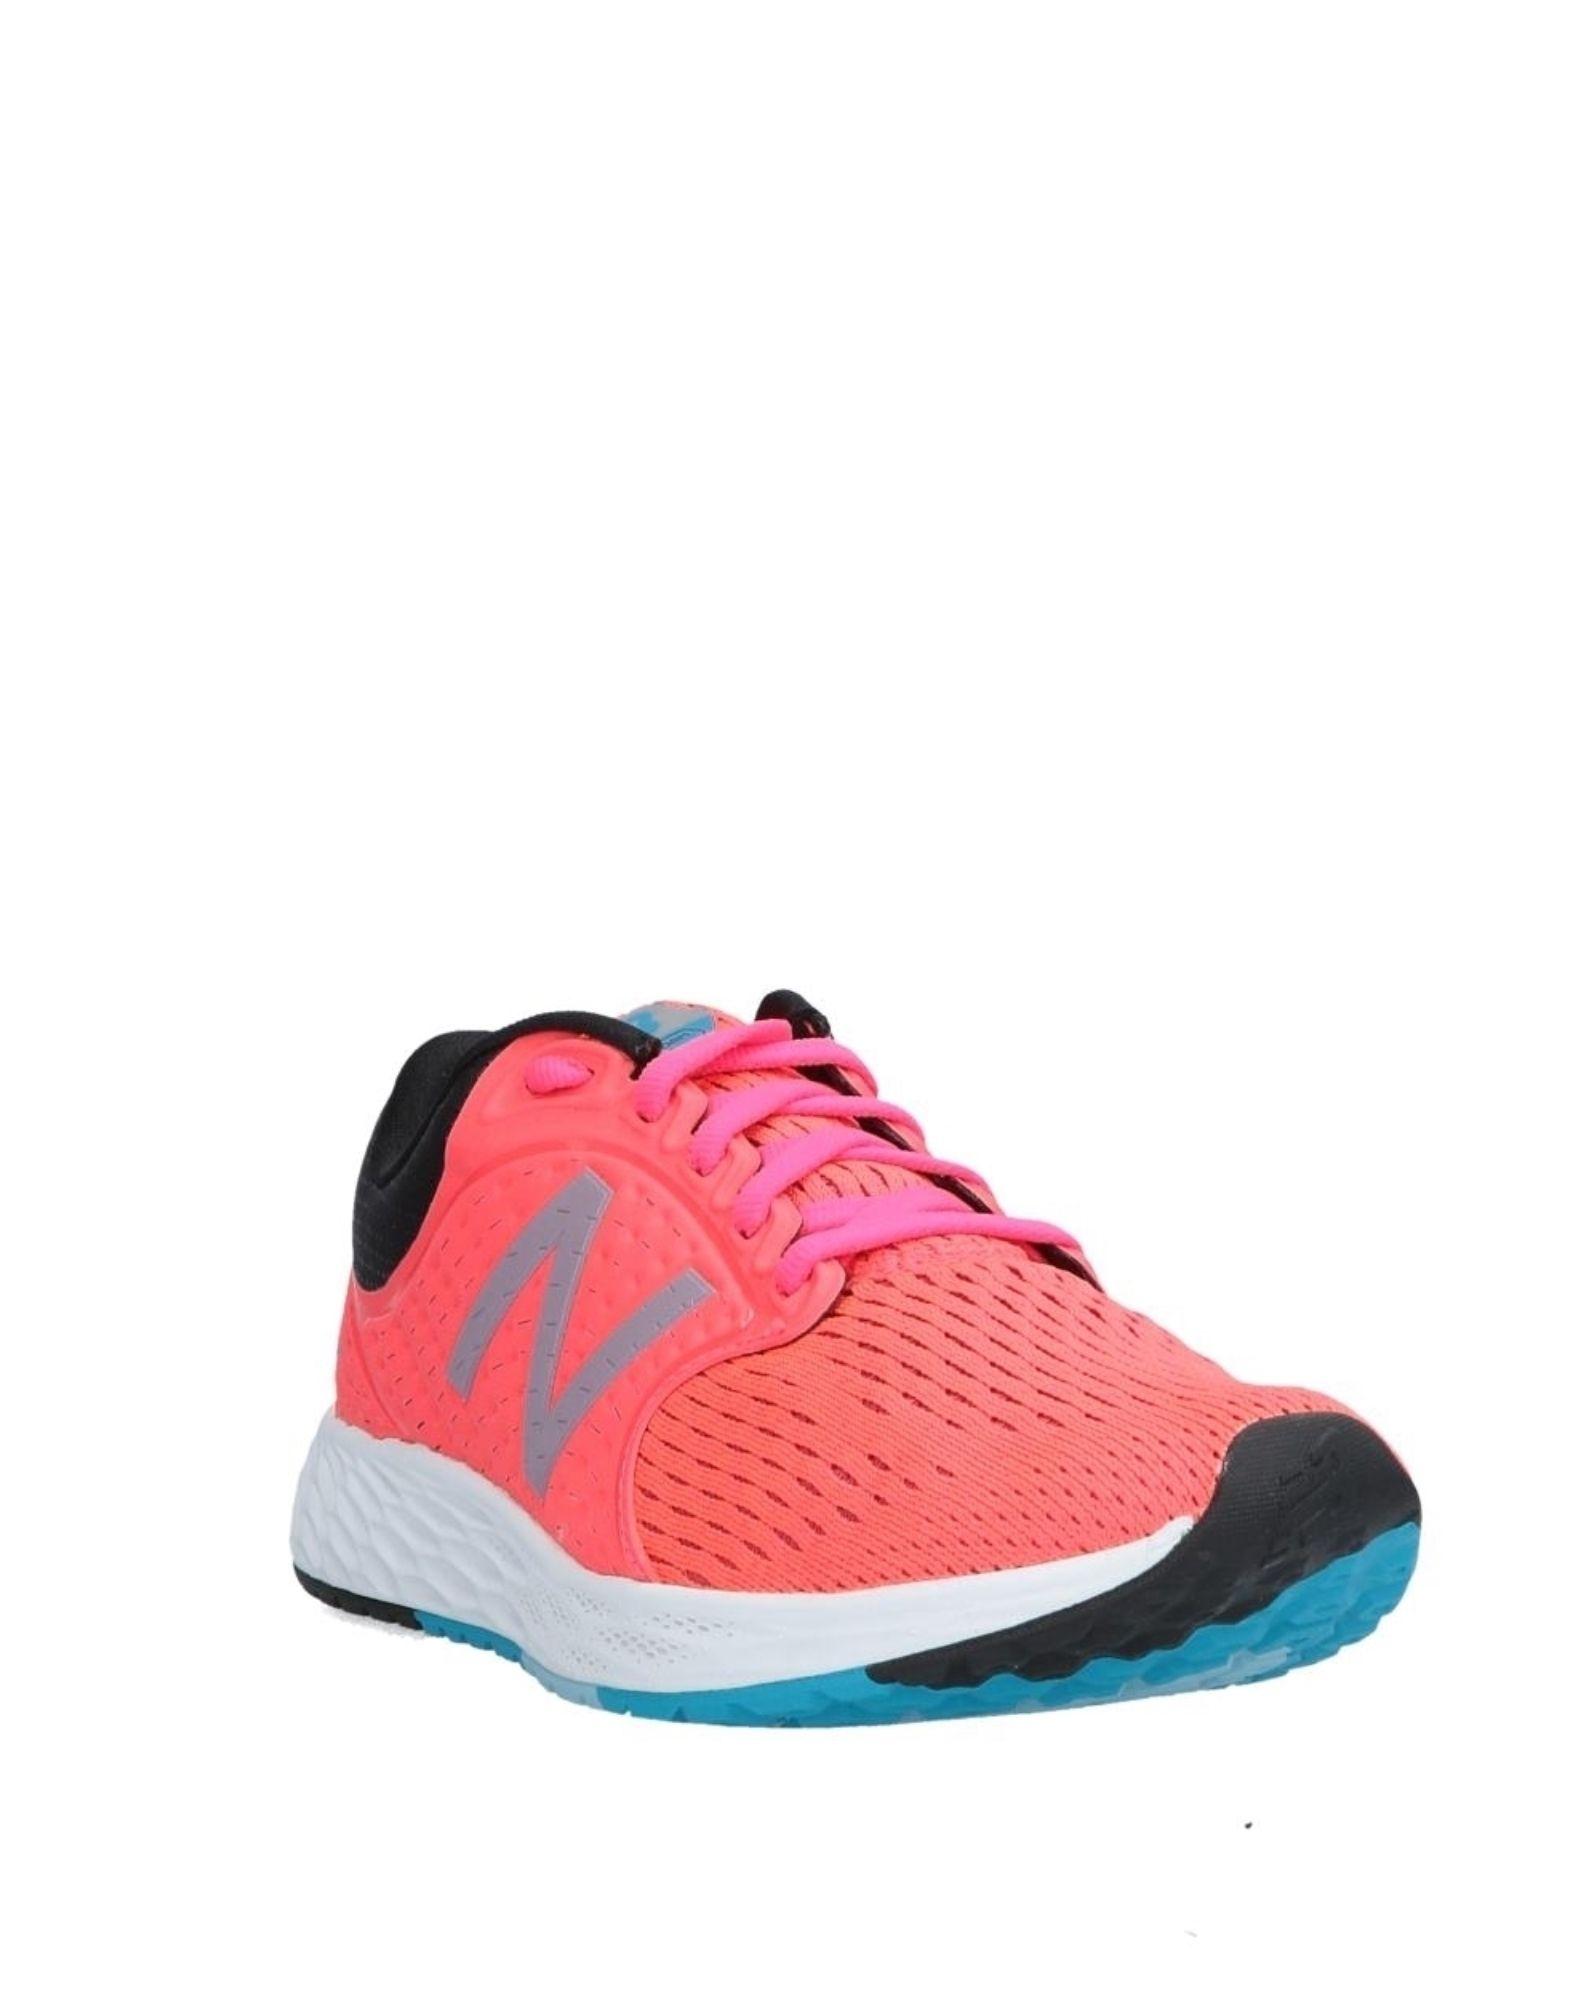 New Balance Sneakers Damen  Gute 11569835IF Gute  Qualität beliebte Schuhe 71ebc5